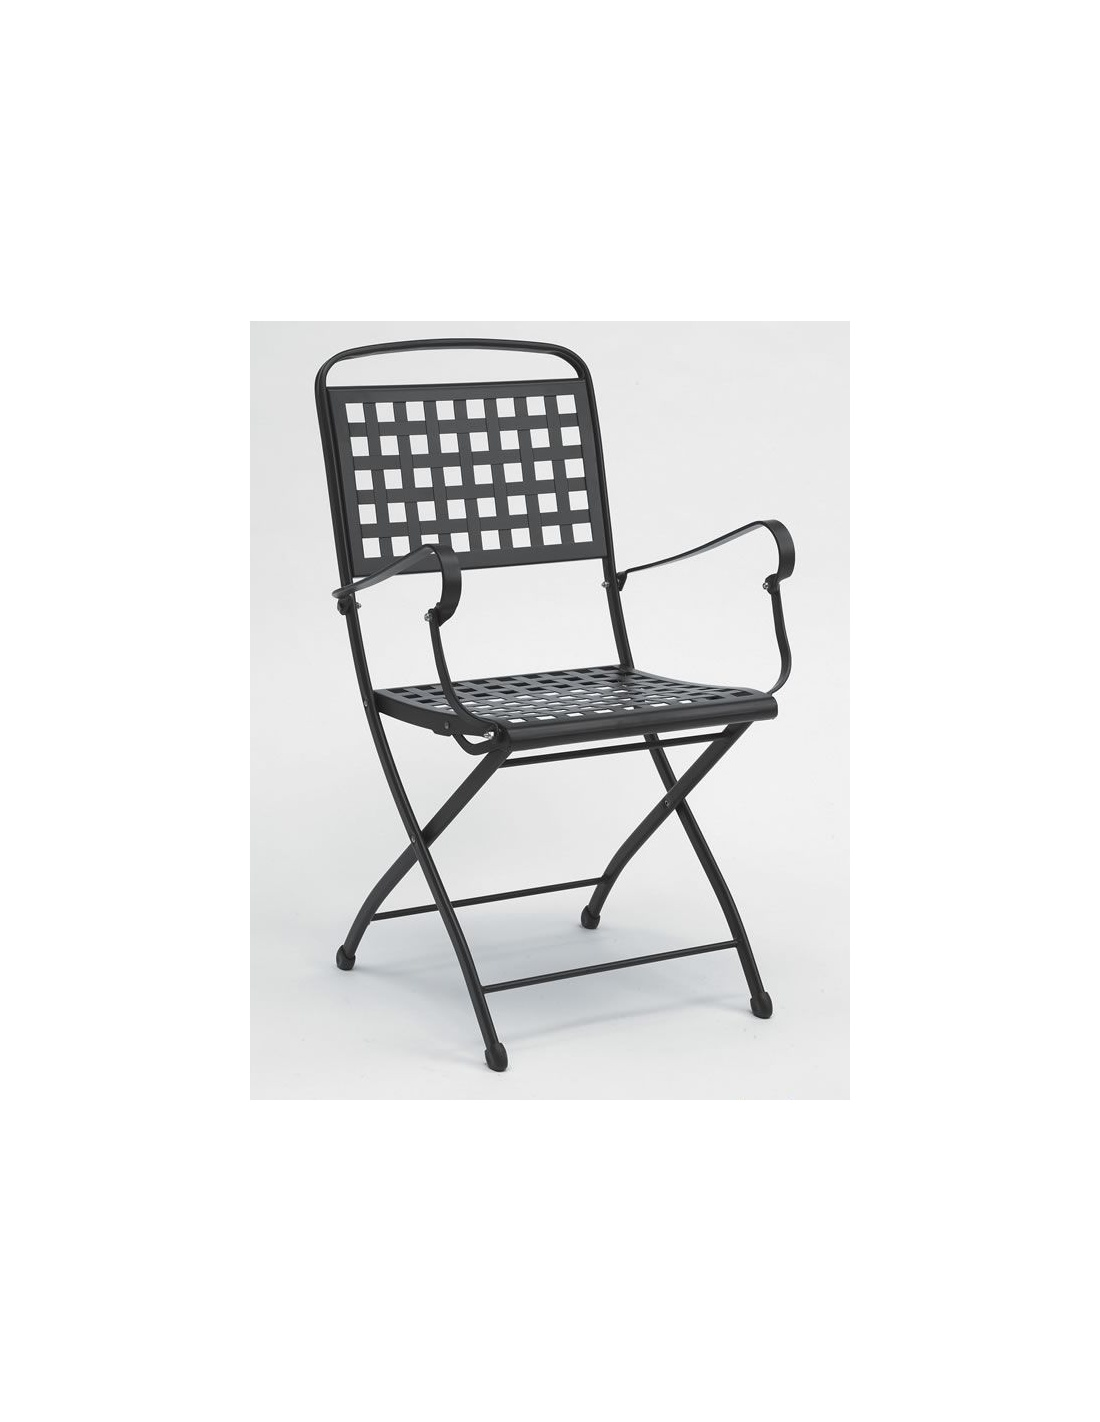 Sedie Da Esterno Con Braccioli.Sedia Da Esterno Per Giardino Isabella Con Braccioli 2511 Scab Design